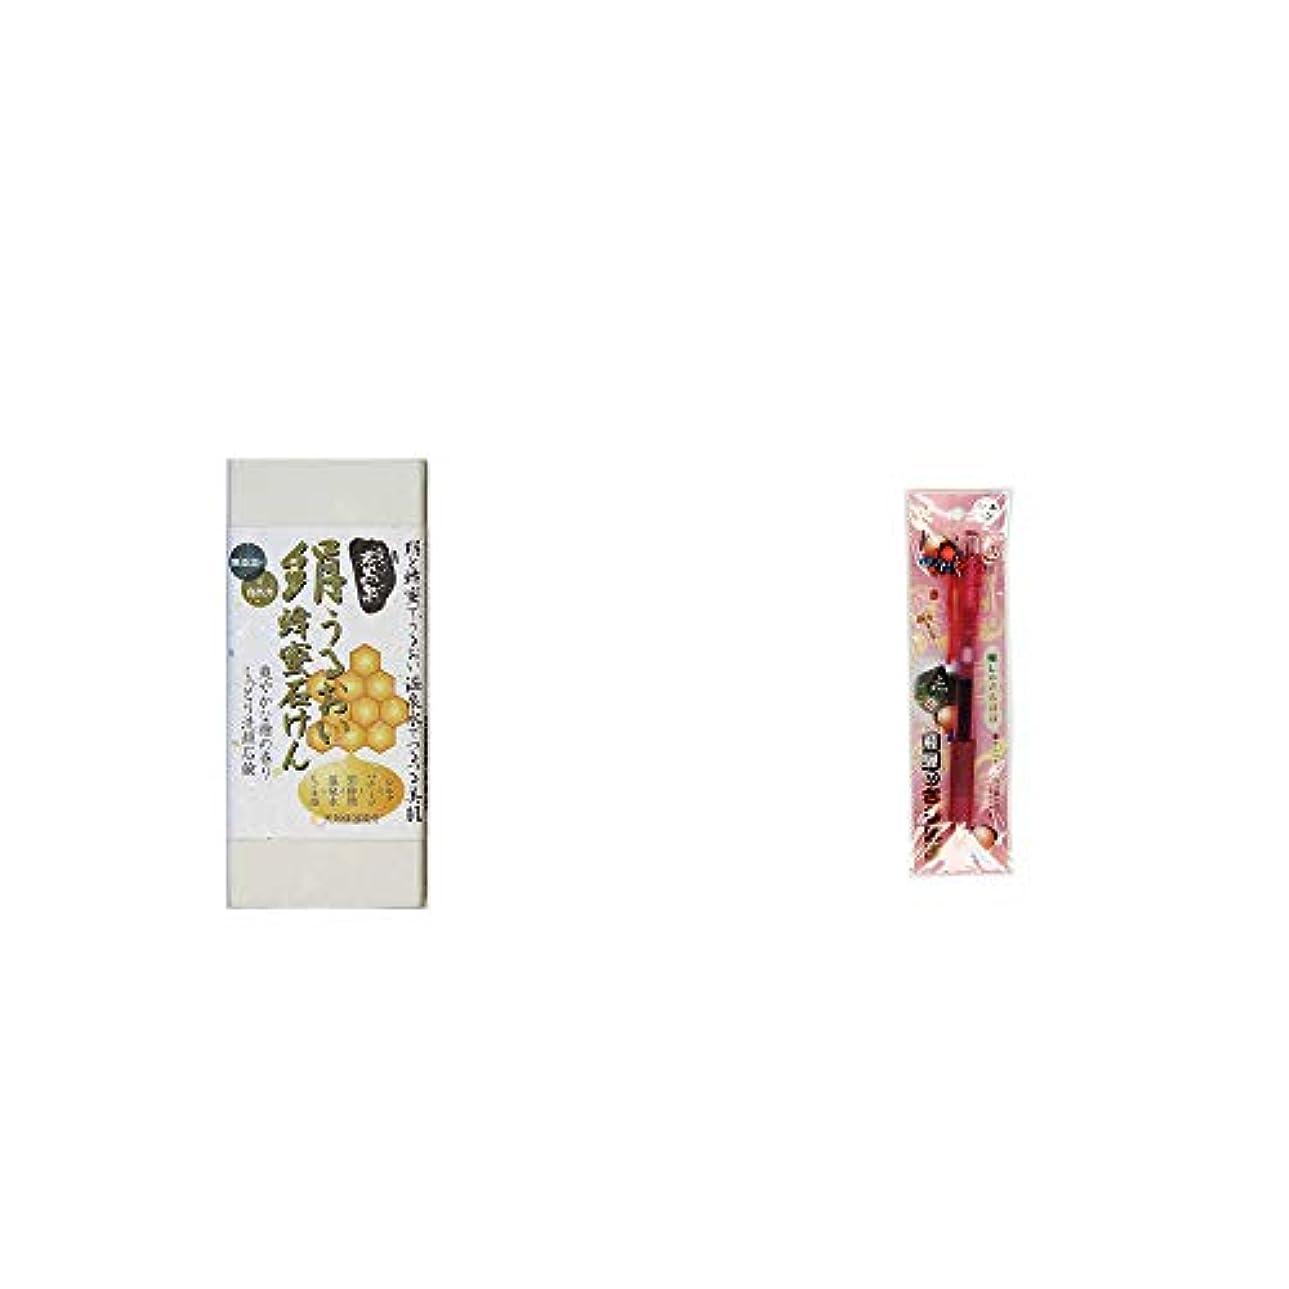 奨励します階下組み込む[2点セット] ひのき炭黒泉 絹うるおい蜂蜜石けん(75g×2)?さるぼぼ 癒しボールペン 【ピンク】